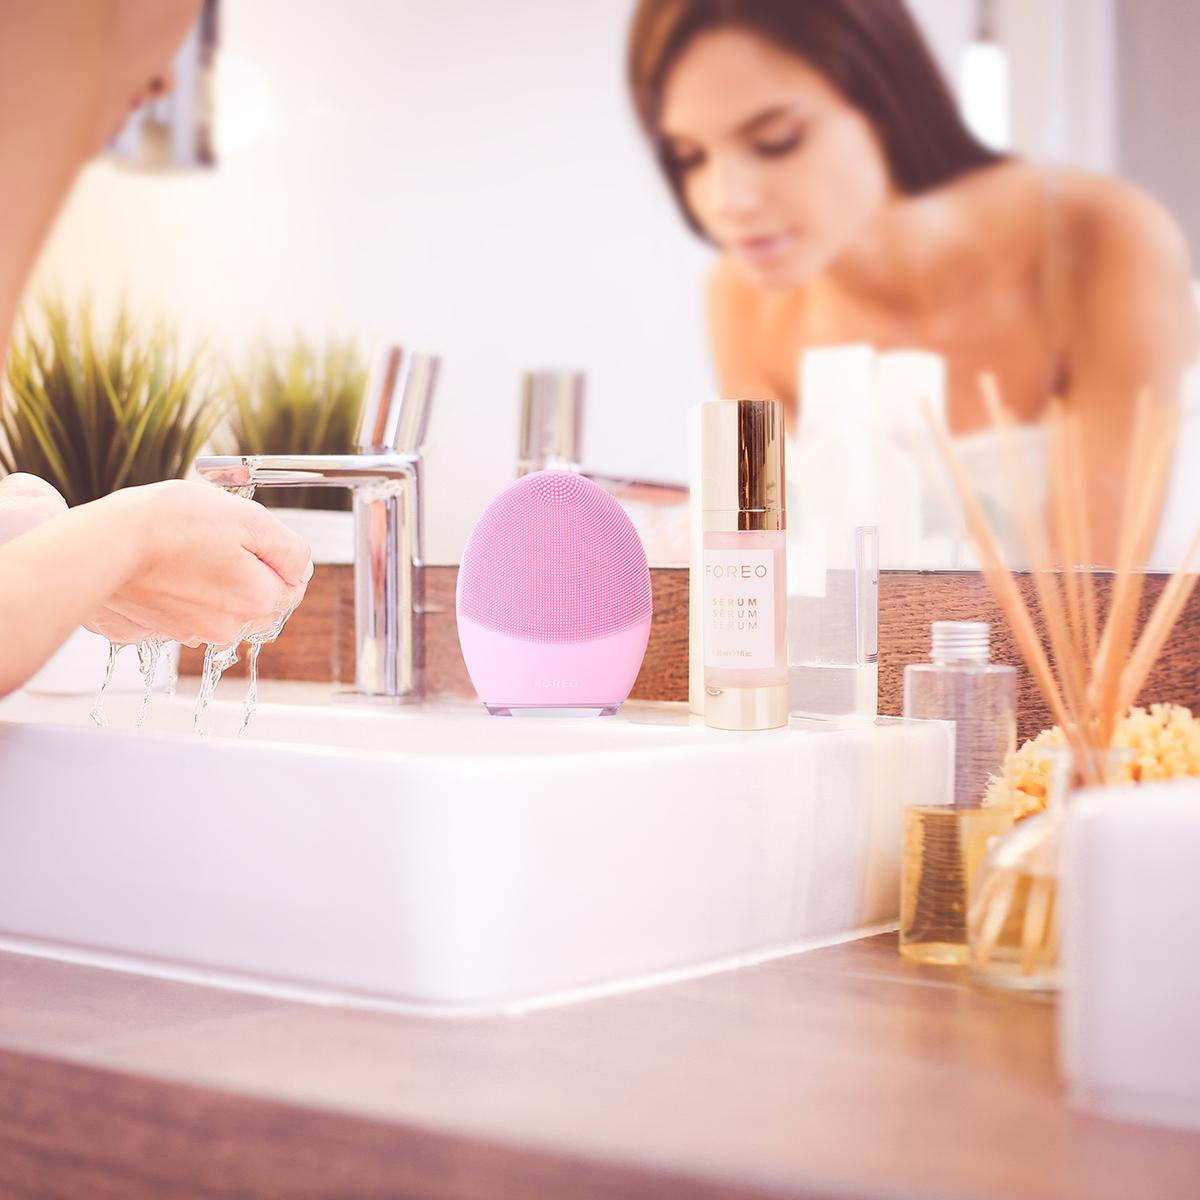 Nettoyer sa peau en profondeur avec LUNA 3 de FOREO